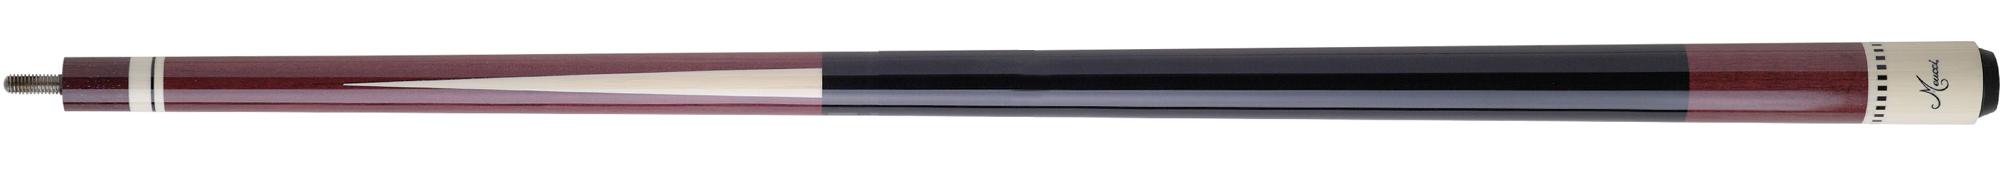 11358-Meucci-Econo-3-piljardikii